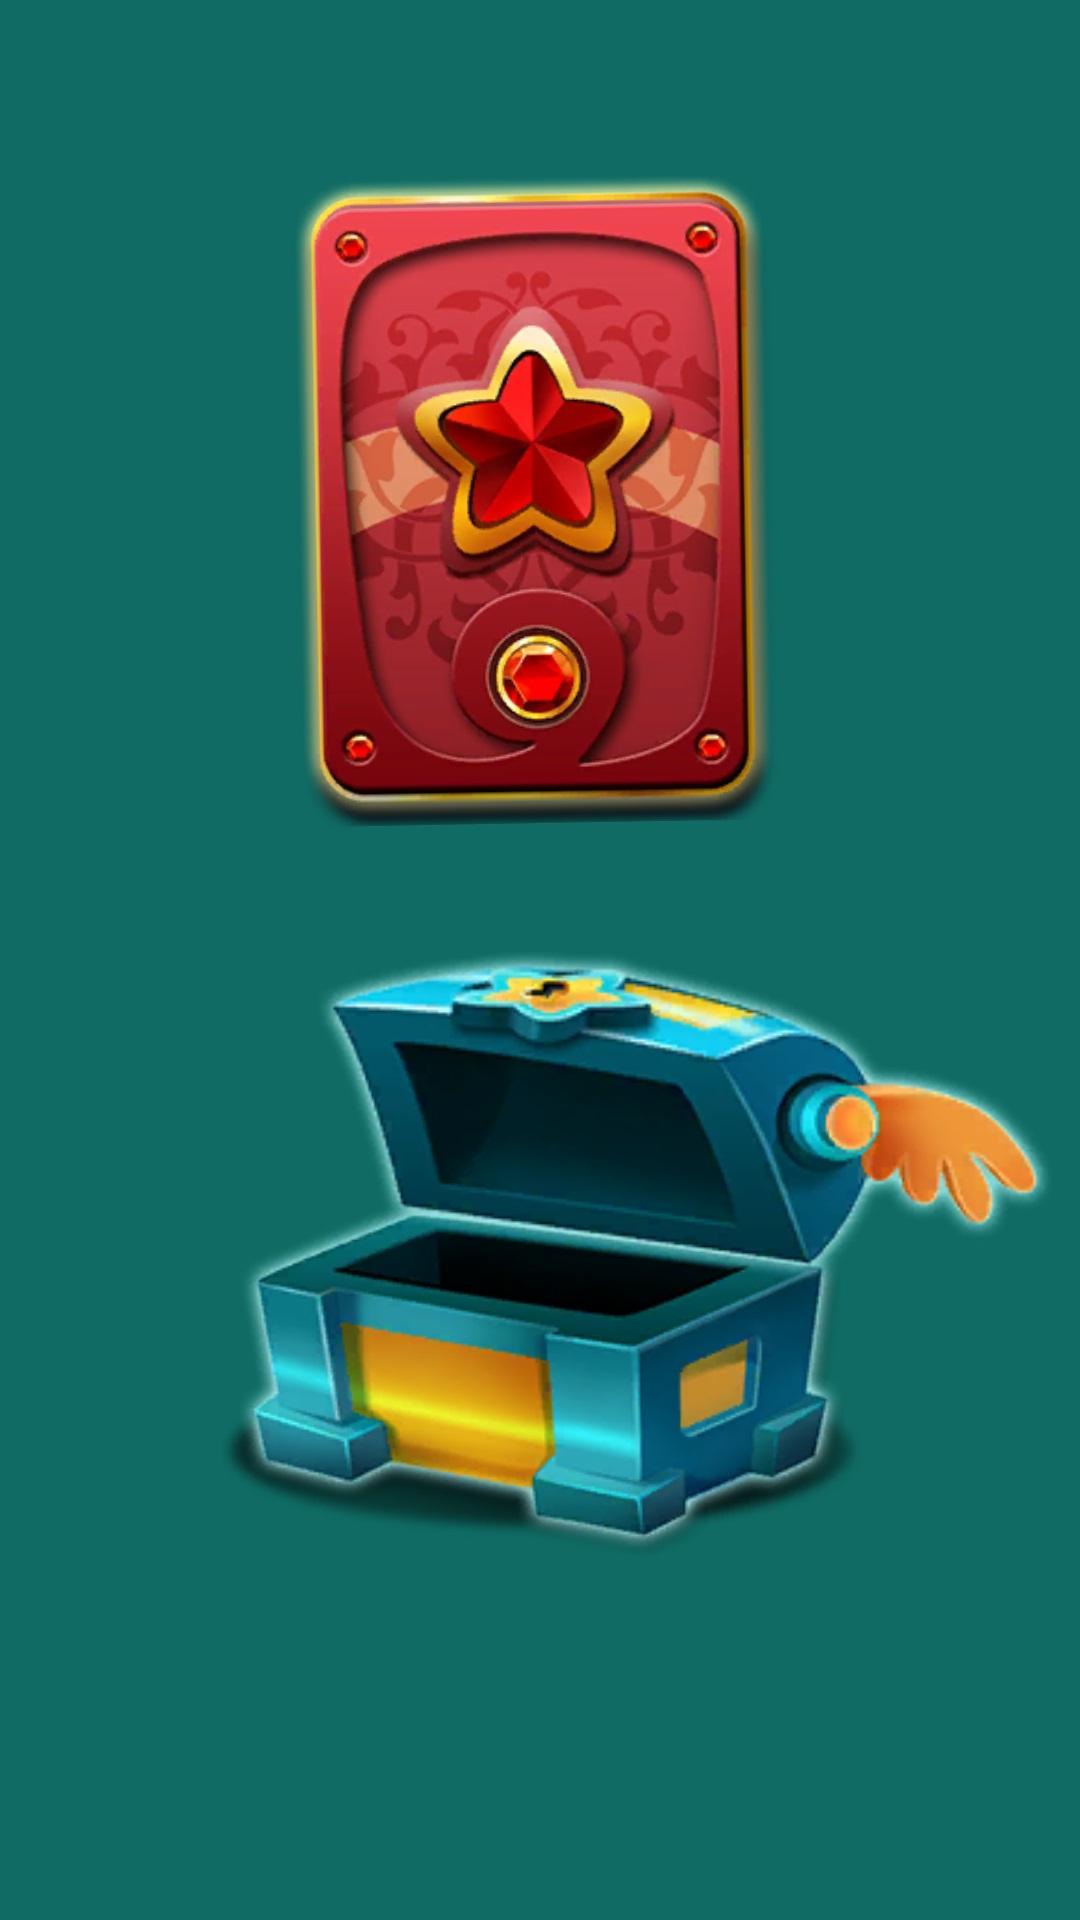 شهرزاد 7 - بررسی بازی «هزار افسان: شهزاد»؛ با حروف بازی کنید و افسانه بخوانید